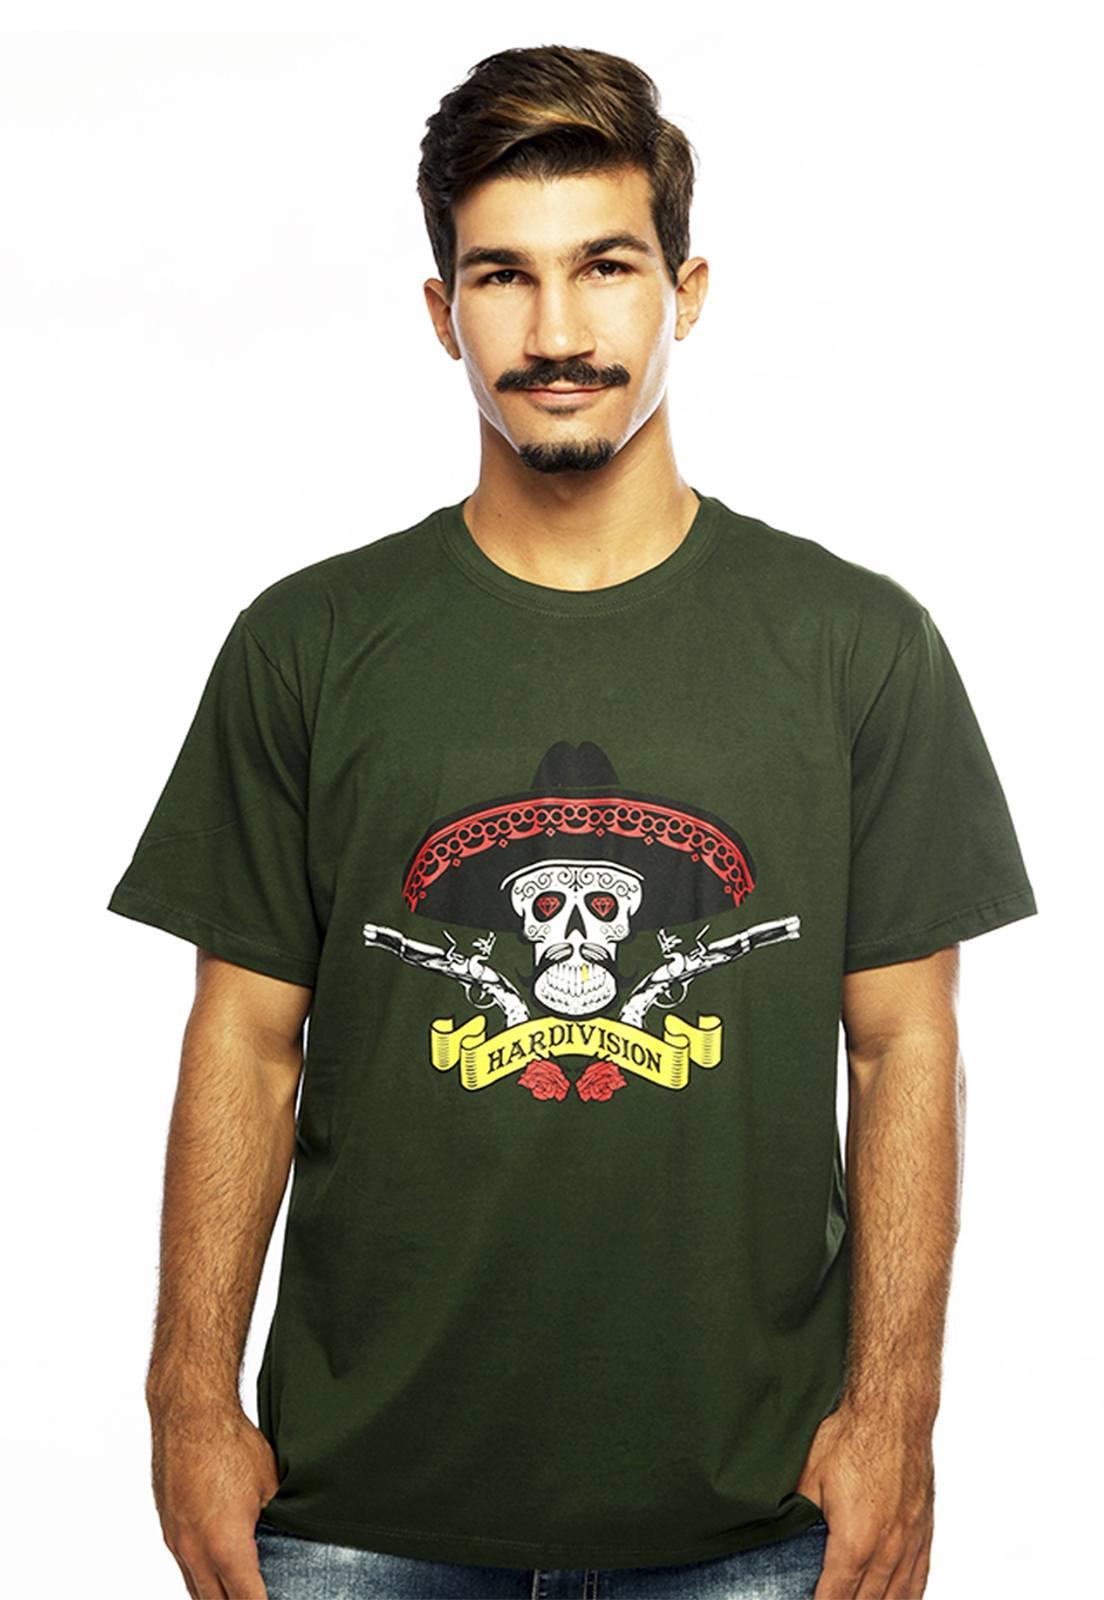 Camiseta masculina verde Hombre - 100% algodão - Hardivision